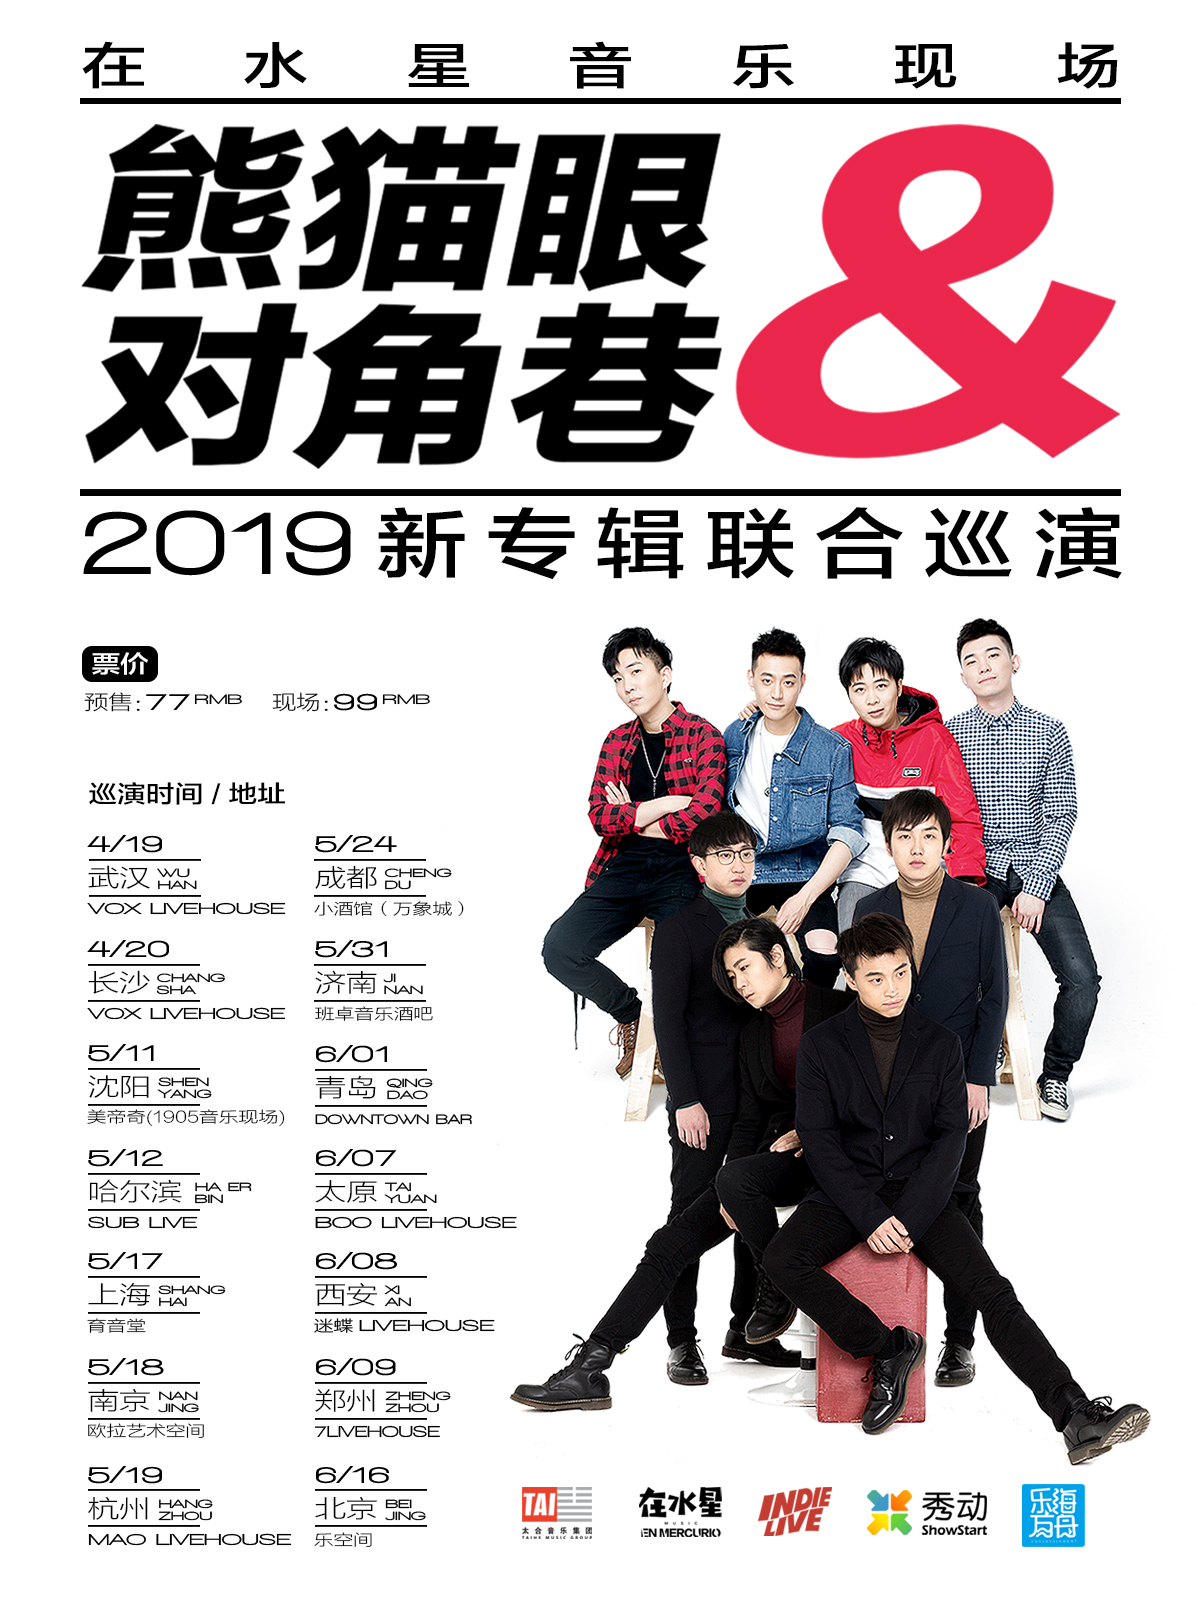 2019熊猫眼&对角巷成都演唱会